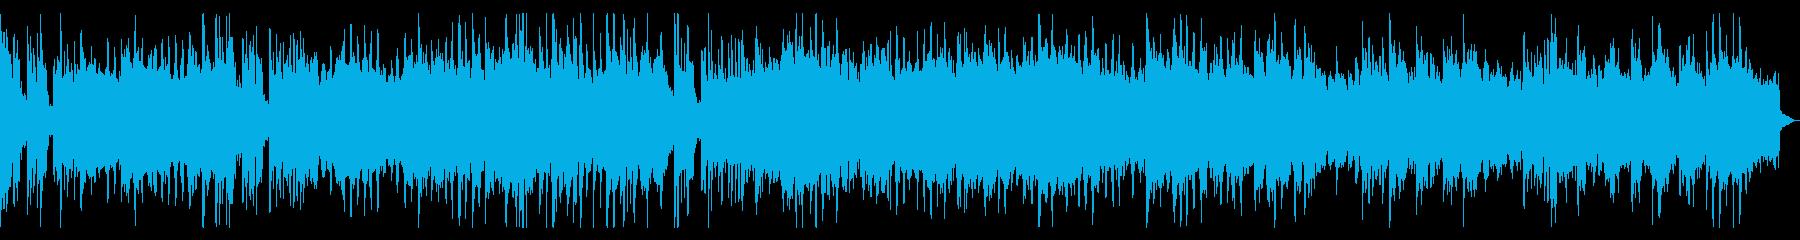 トルコ行進曲 モーツァルト シンセ版の再生済みの波形